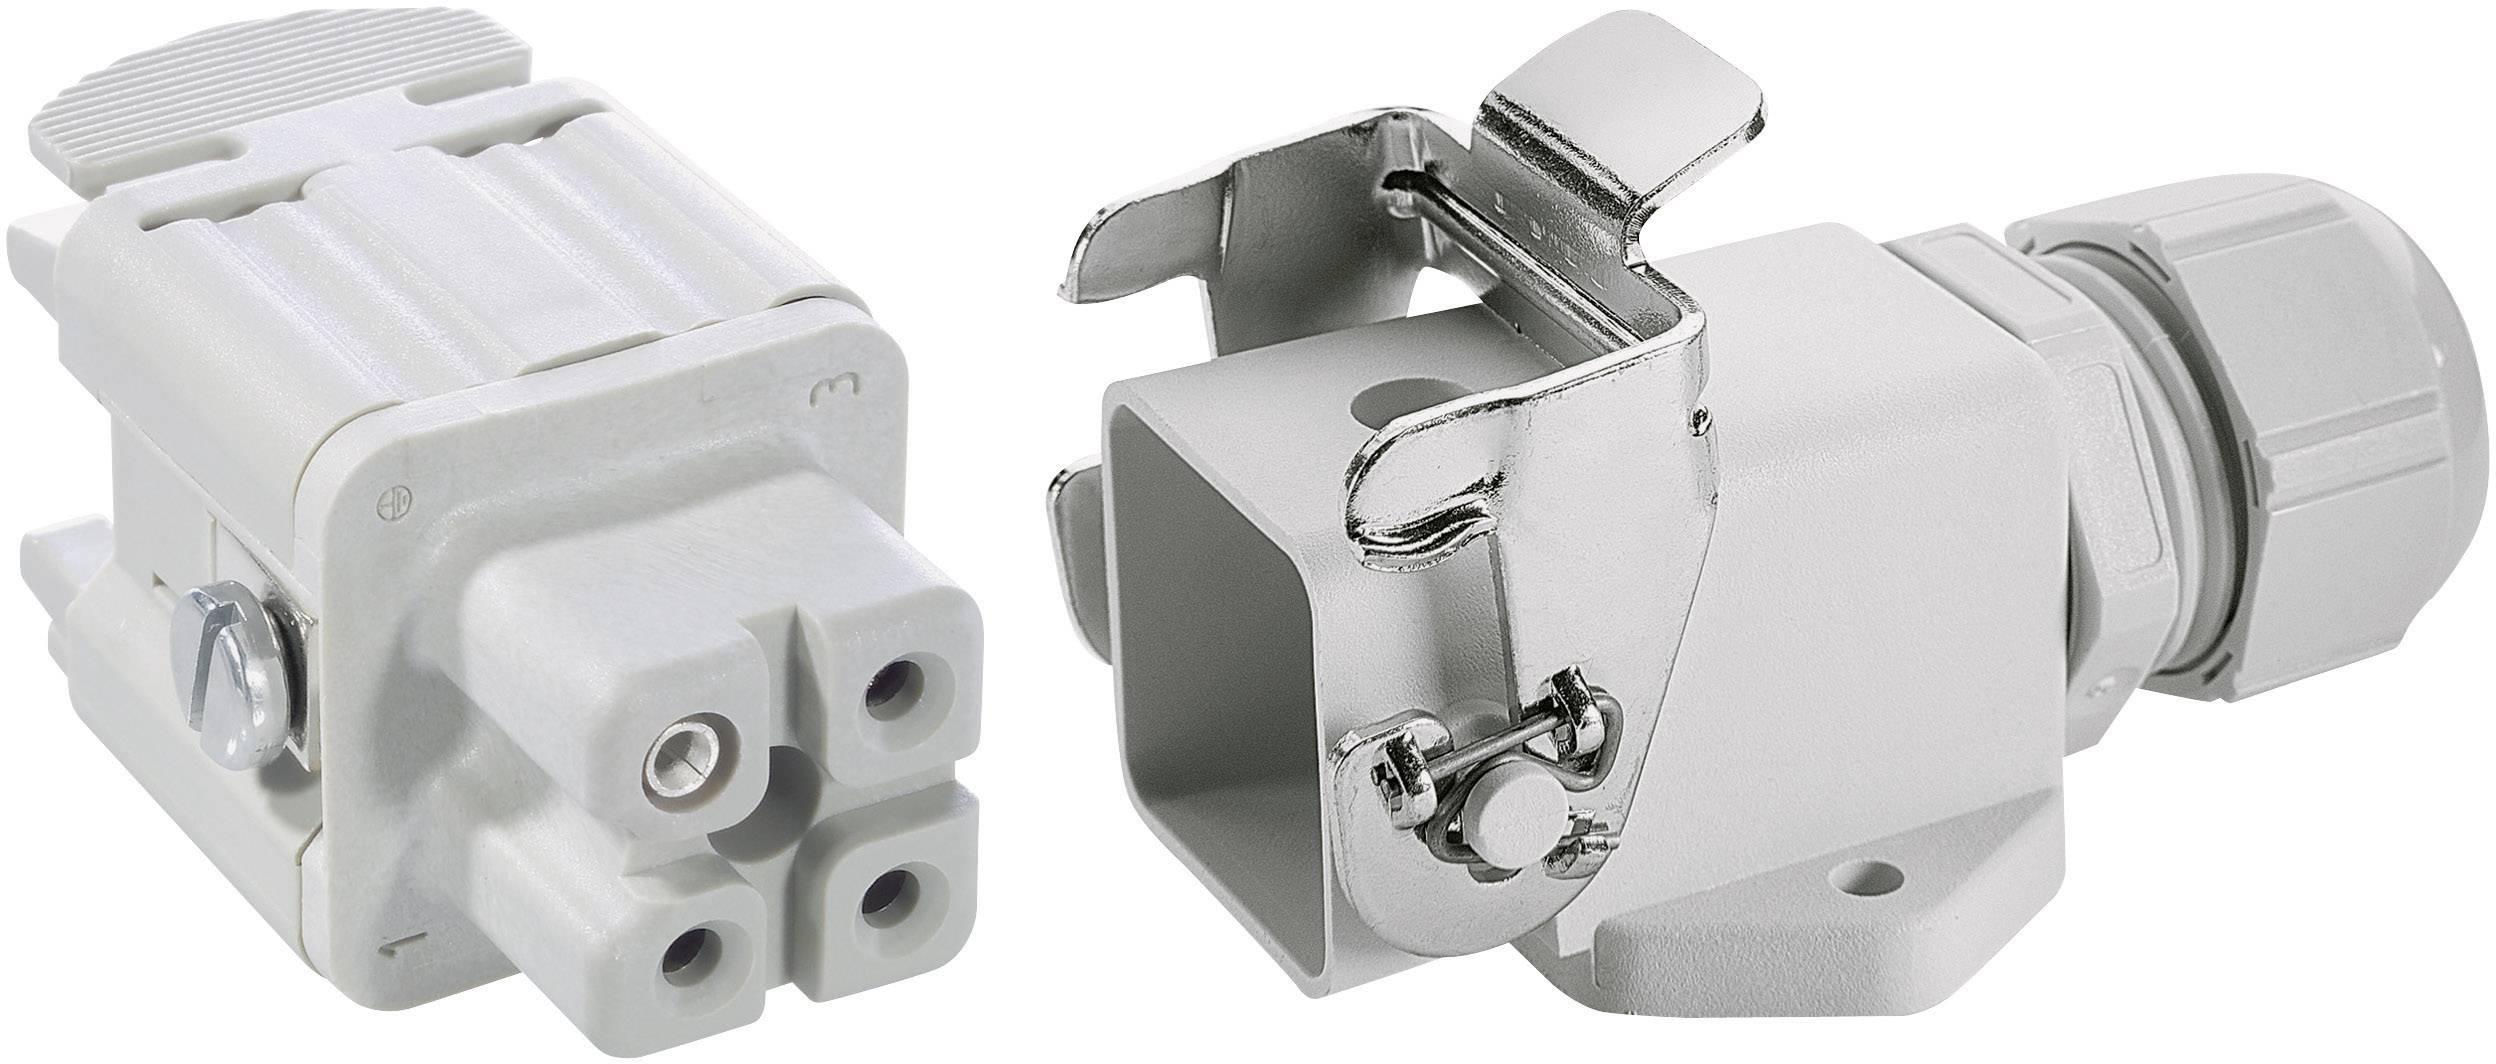 Sada konektorů EPIC®KIT H-A 3 75009609 LappKabel 3 + PE šroubovací 1 sada